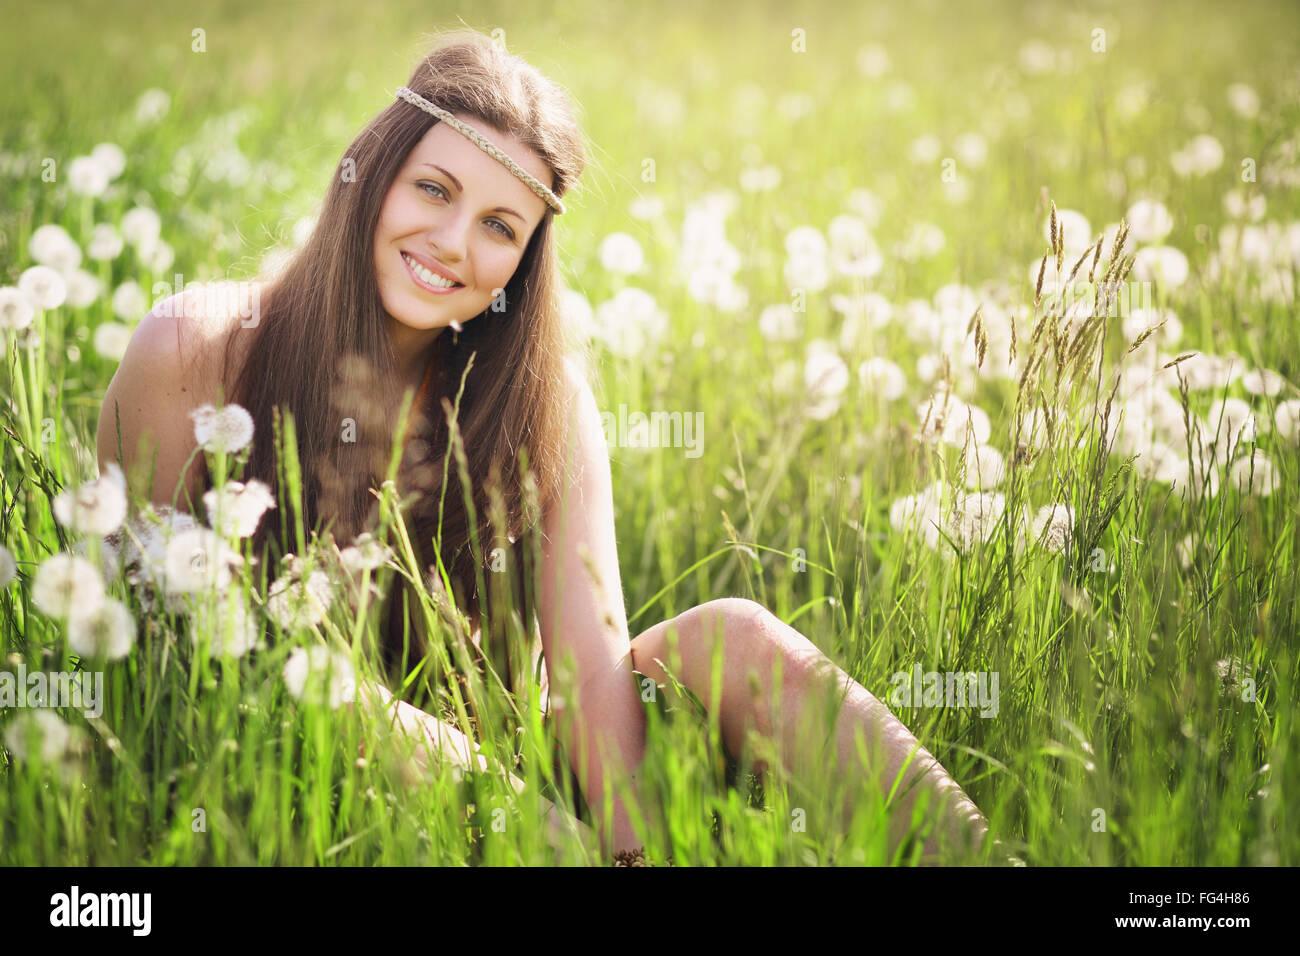 Bella giovane donna sorridente in un prato fiorito . La natura di armonia e serenità Immagini Stock